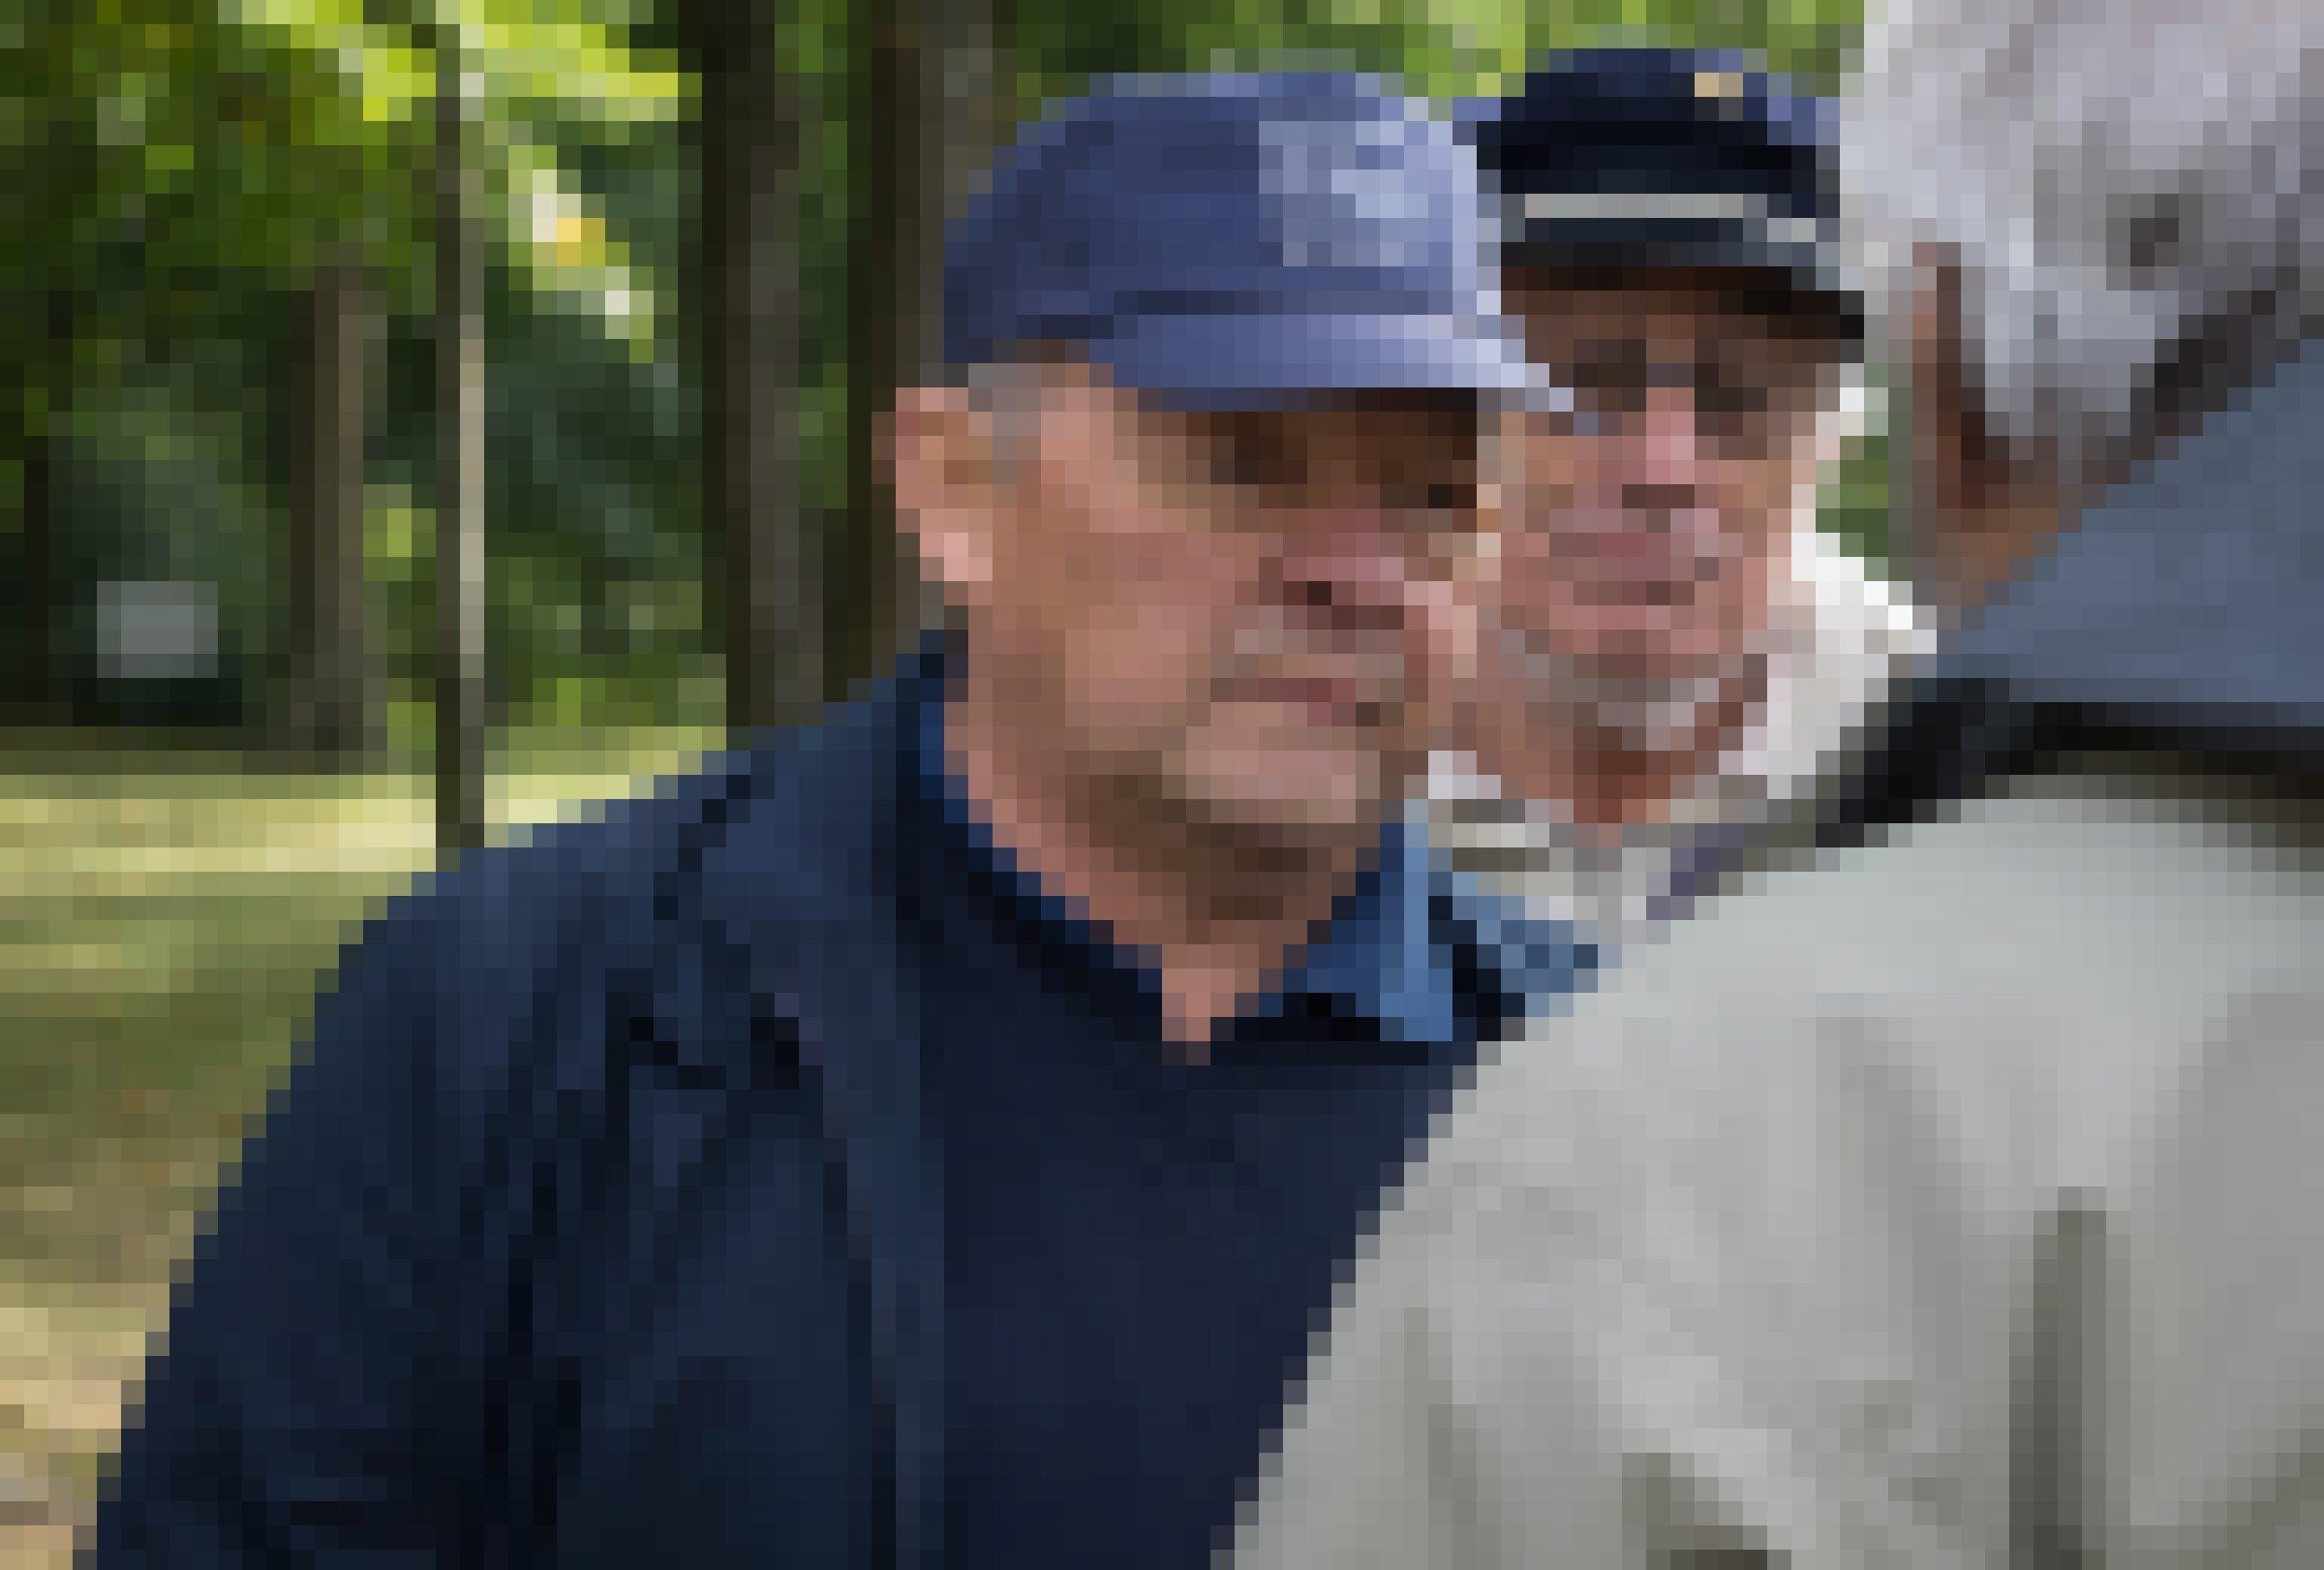 Zwei ältere Männer mit Baseballkappen hören einem dritten Mann zu.